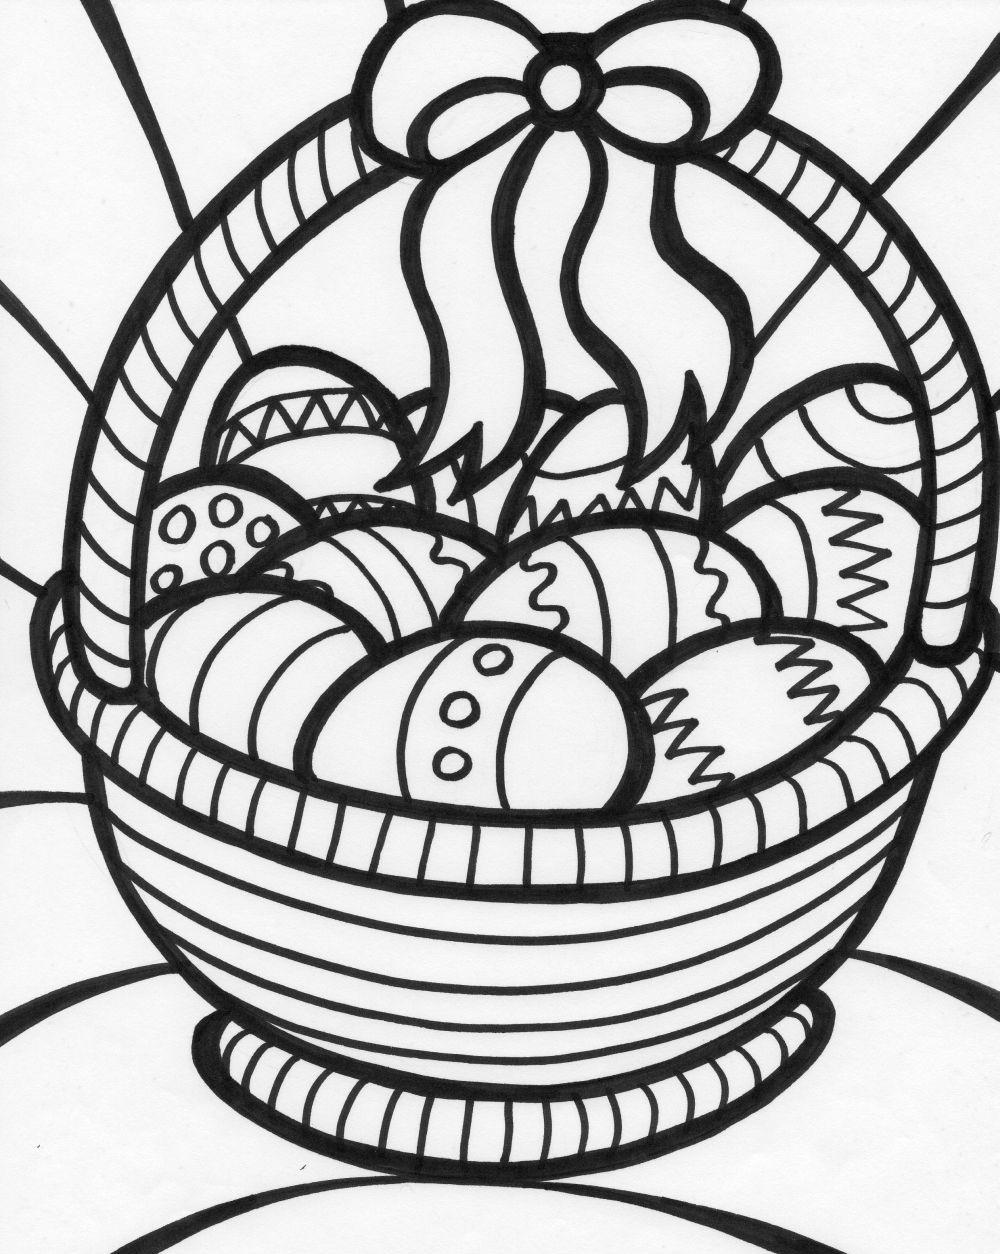 easter basket coloring pages 7 easter basket with eggs coloring pages coloring pages easter basket